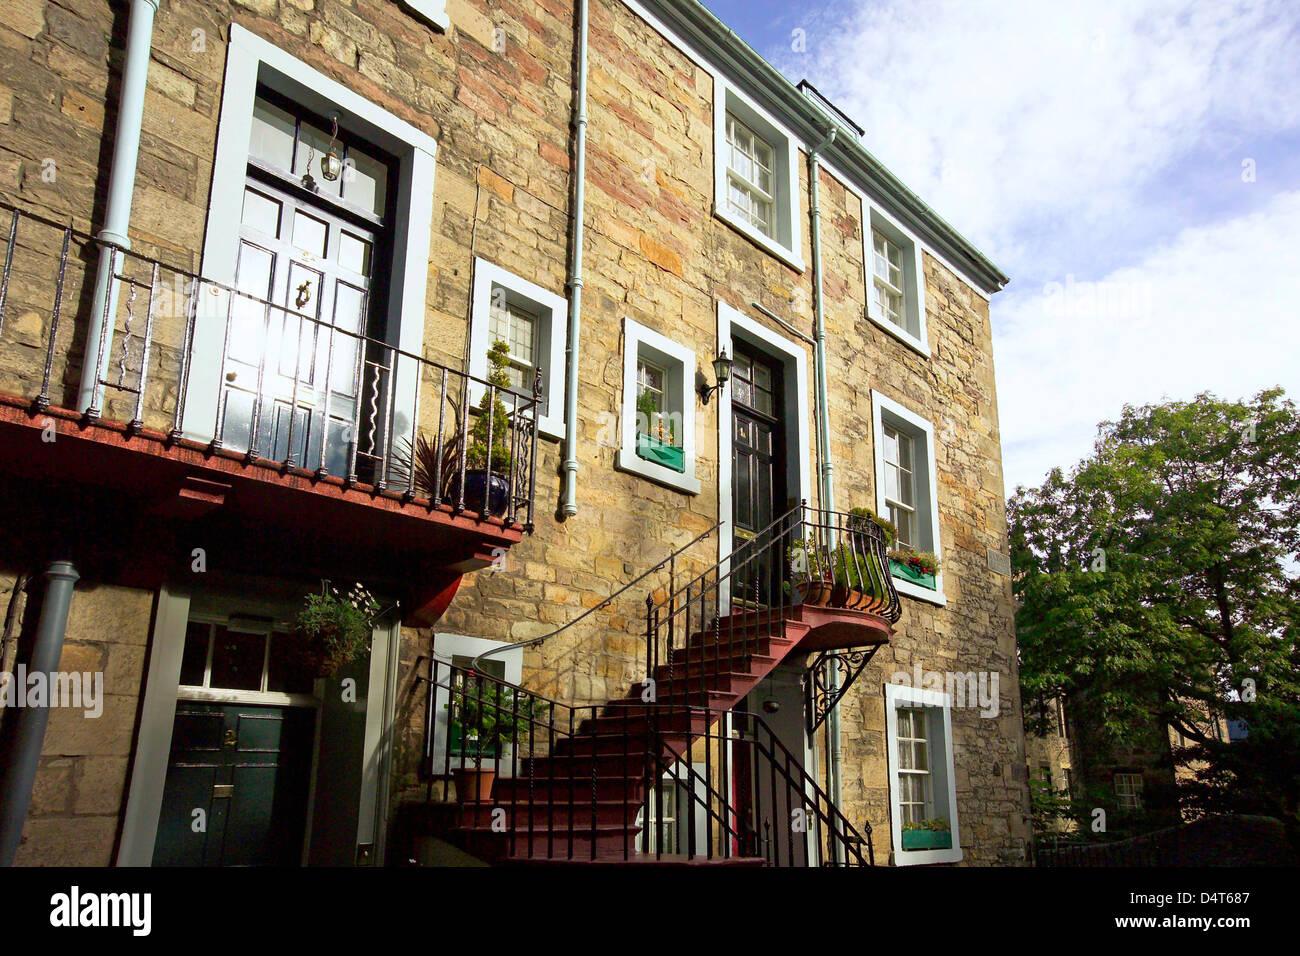 Le fasi e gli sbarchi di retro di appartamenti a ramsay gardens Immagini Stock